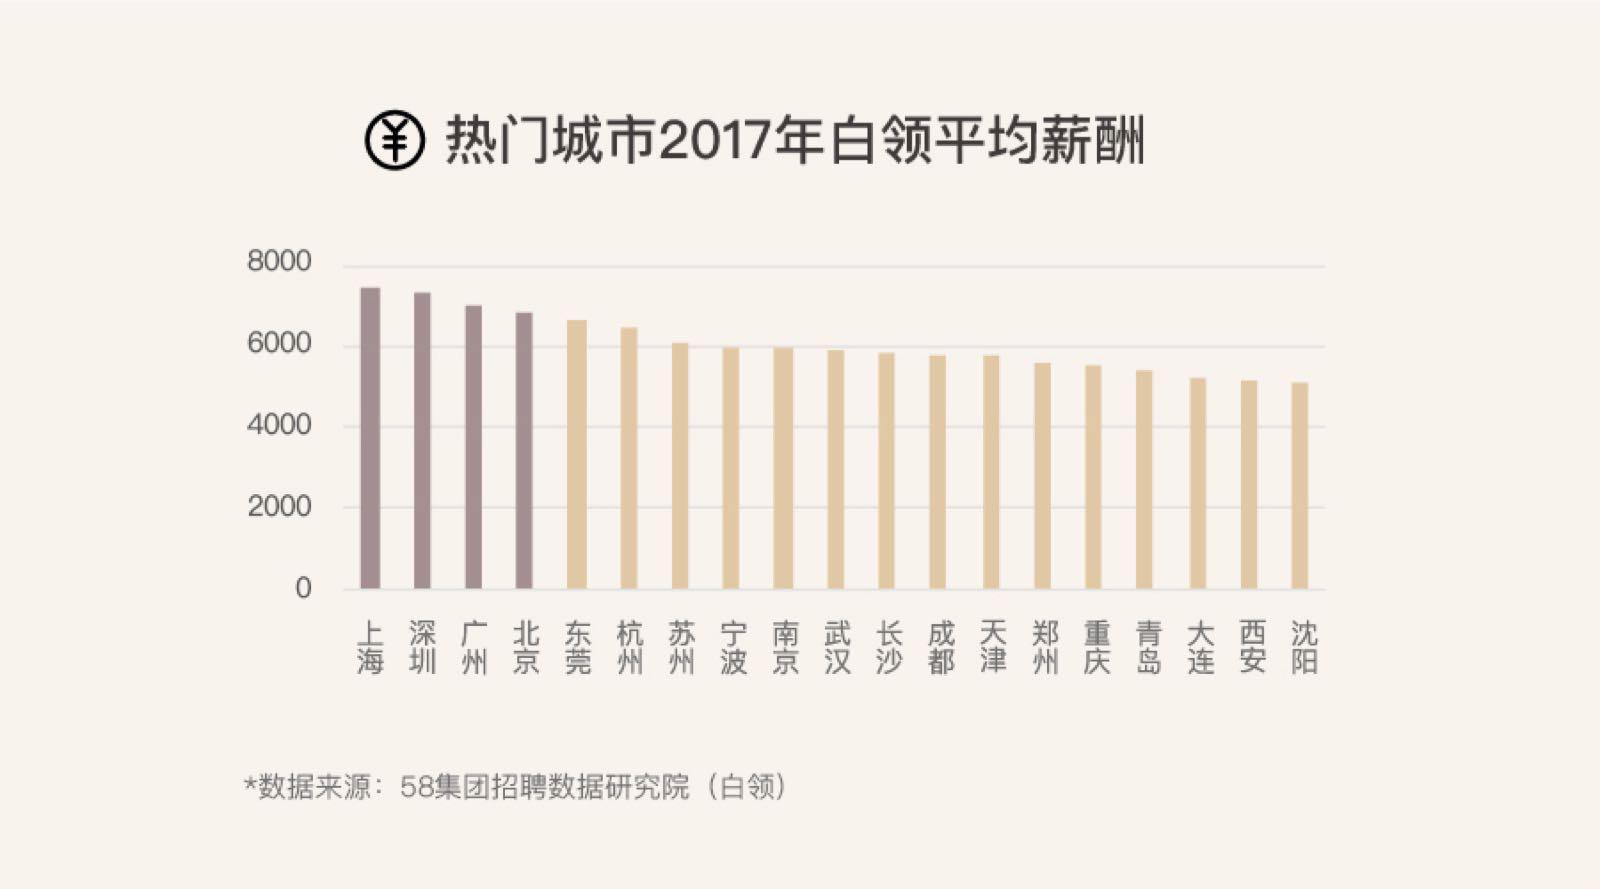 安居客发布2017年返乡置业报告:六成漂一族成主力 人才激励等多因素推动